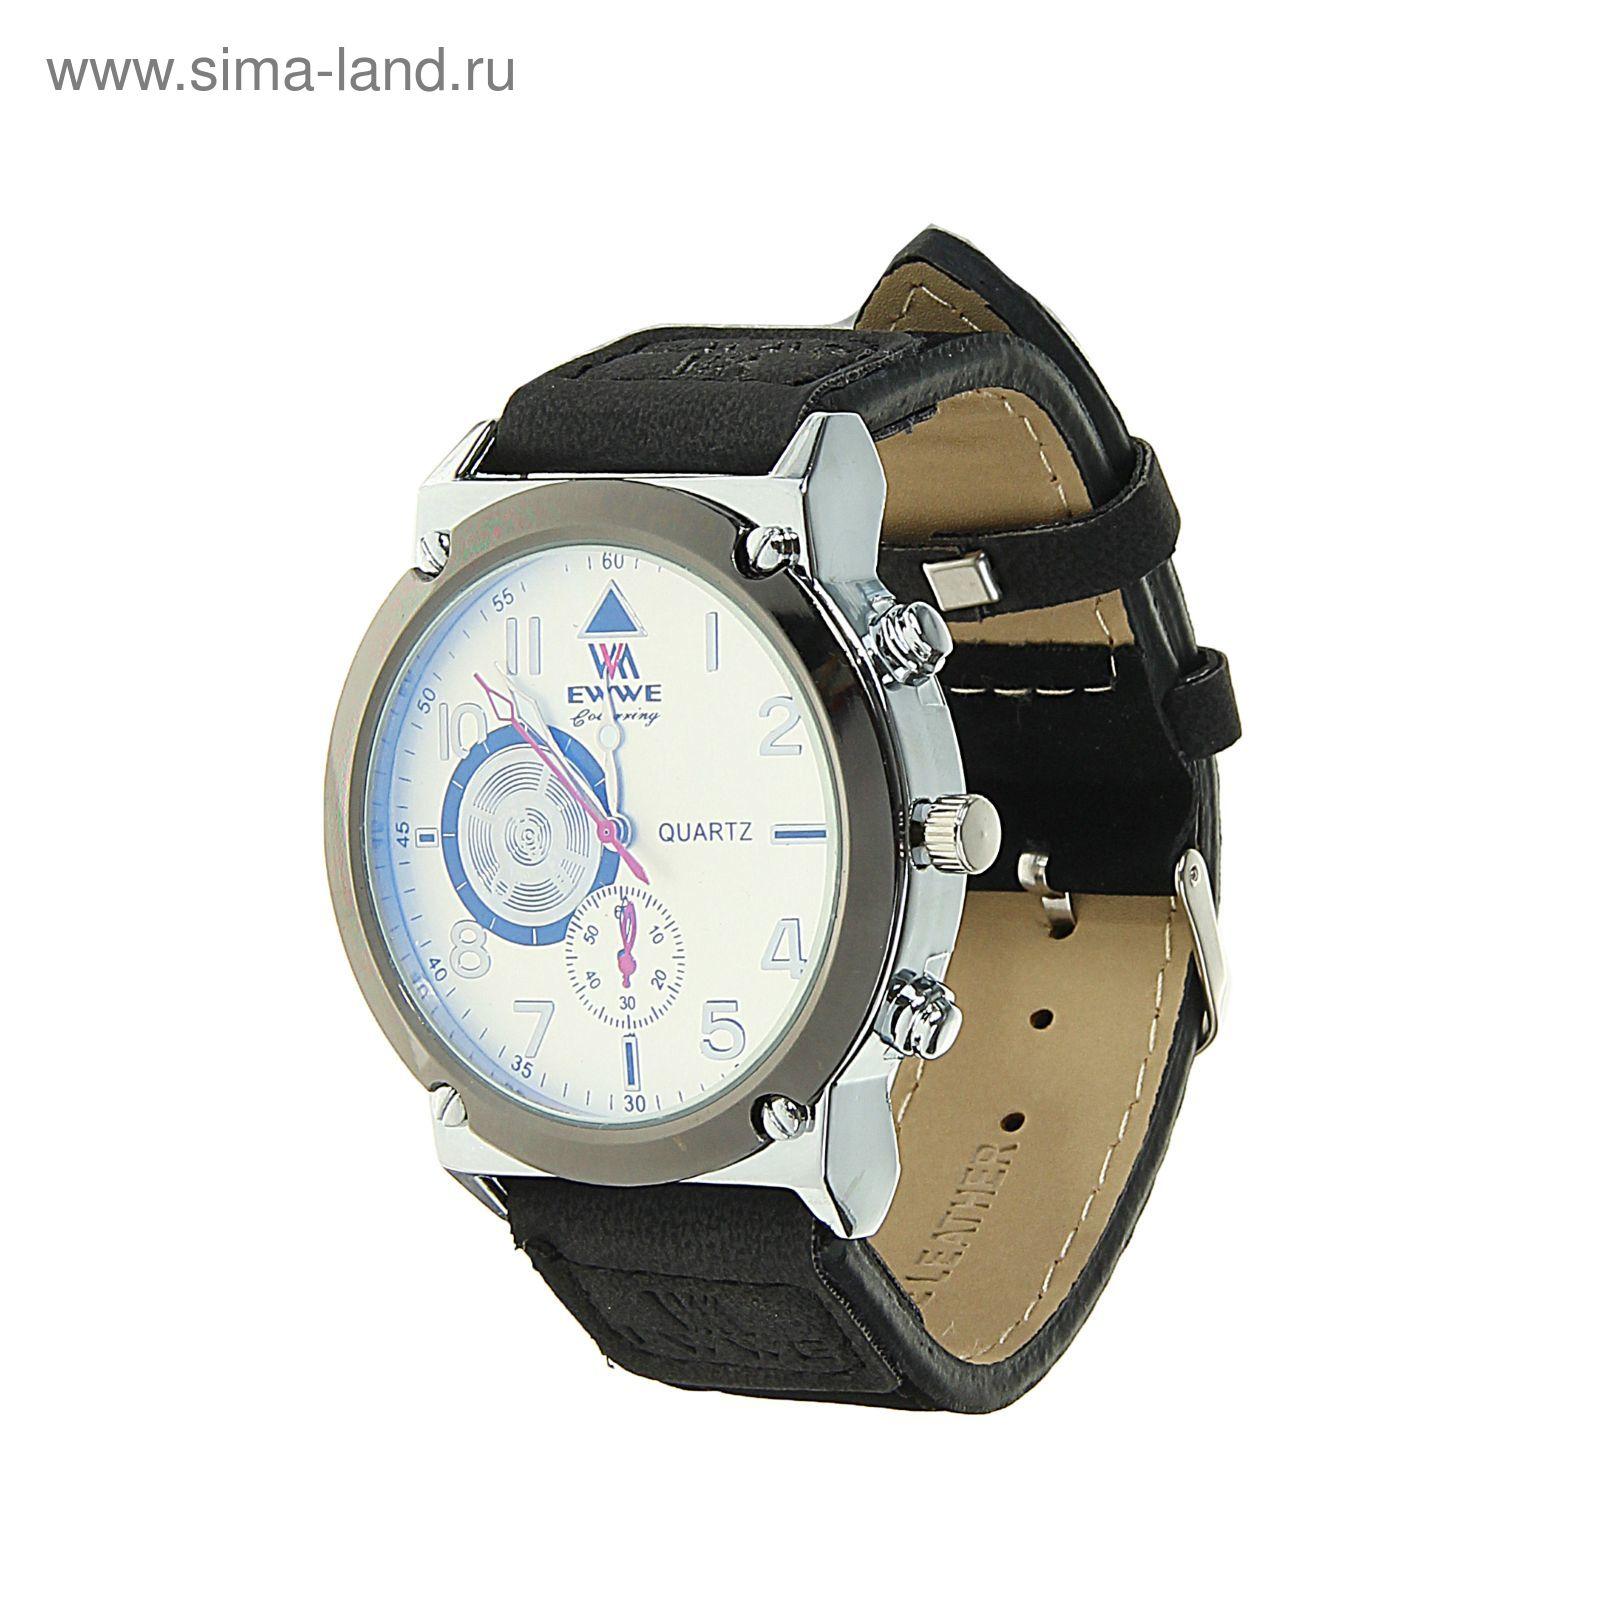 Белые ремешки для мужских наручных часов мужские наручные часы сектор